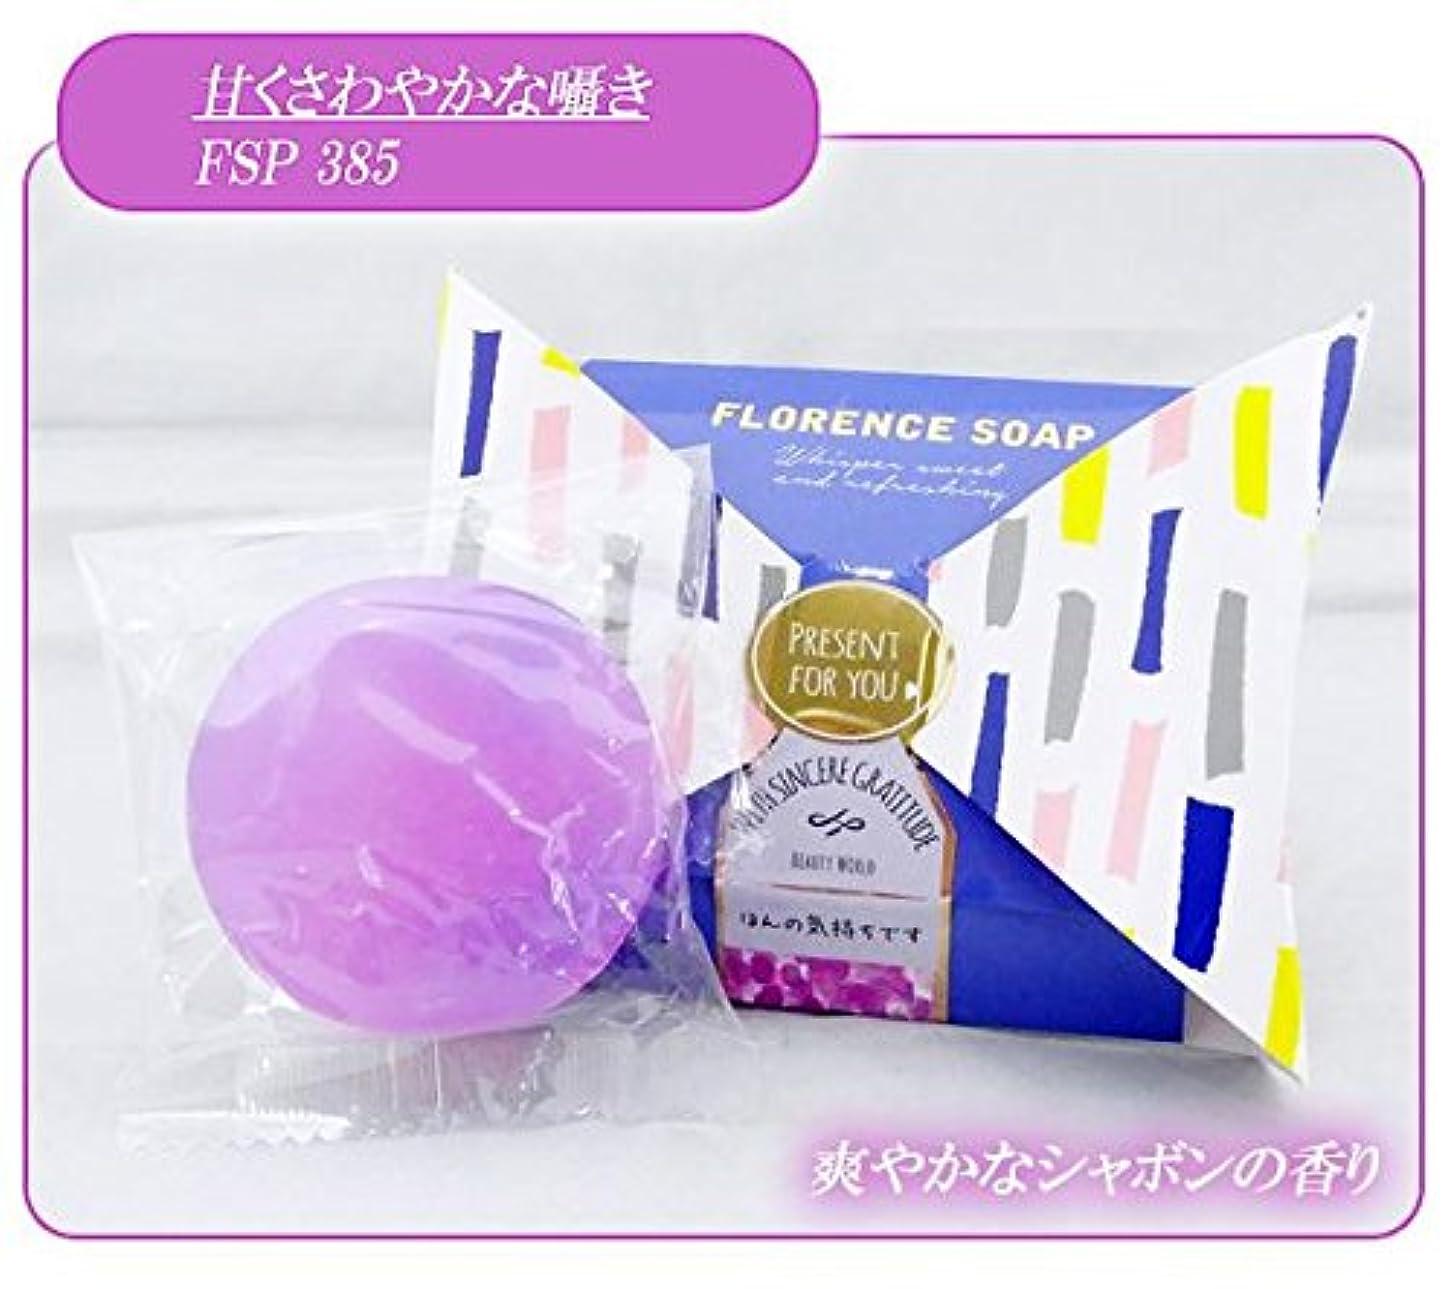 とげのある透過性リービューティーワールド BWフローレンスの香り石けん リボンパッケージ 6個セット 甘くさわやかな囁き